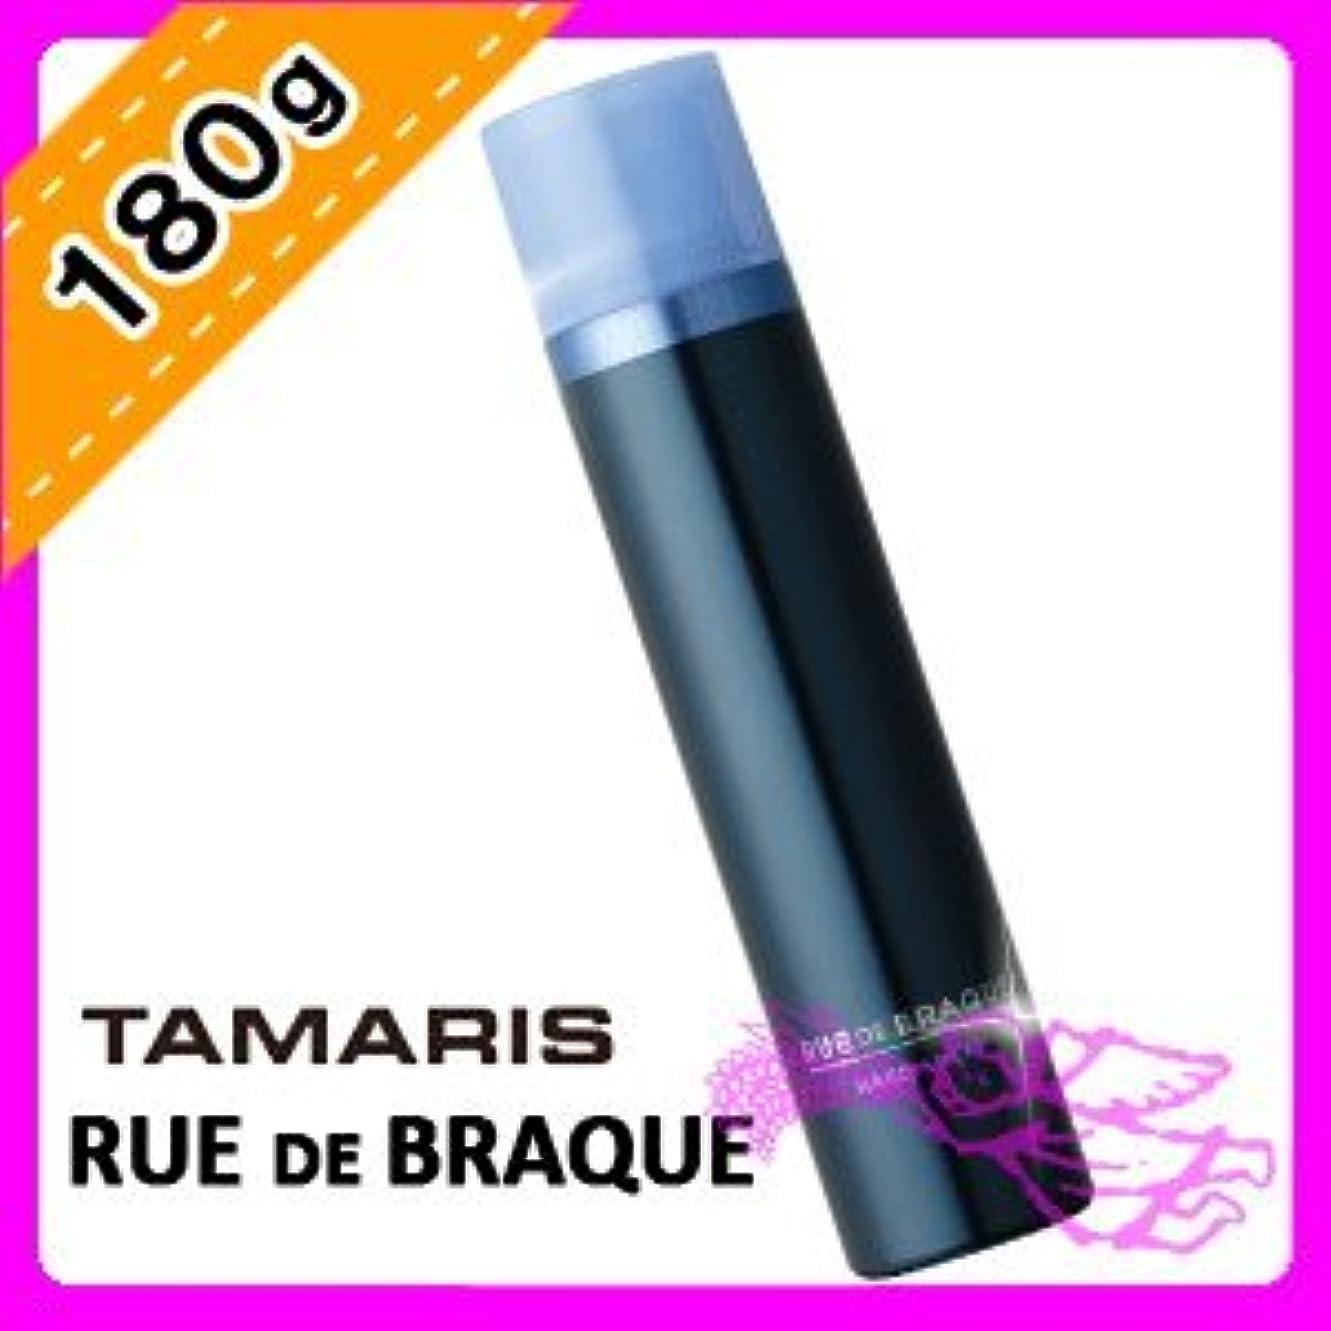 異形作動する店員タマリス ルードブラック ハードスプレー 180g TAMARIS RUE DE BRAQUE